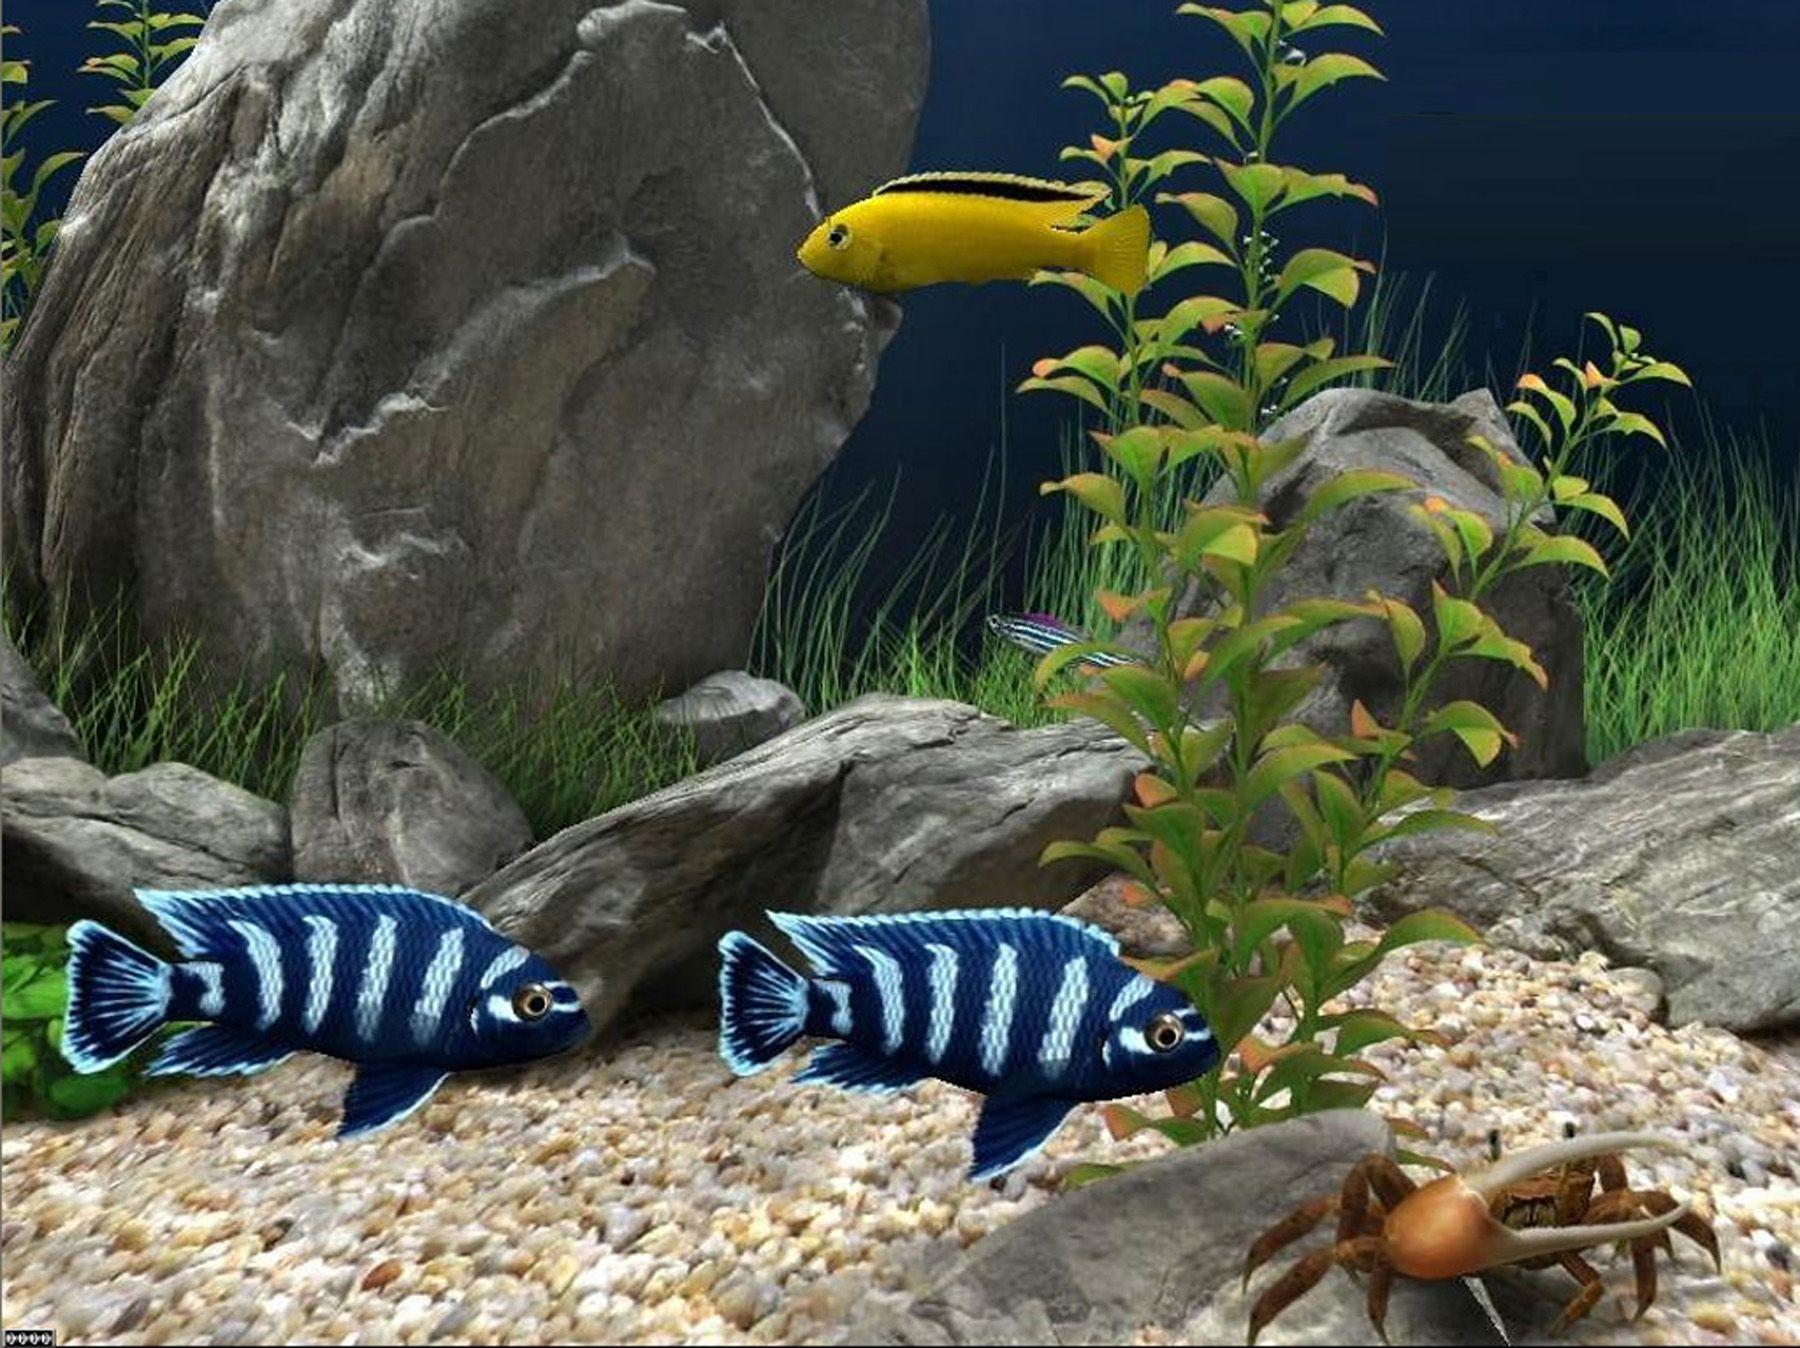 0d1eafc79cbed65859315a8120b155b6 Frais De Aquarium Tropical Schème